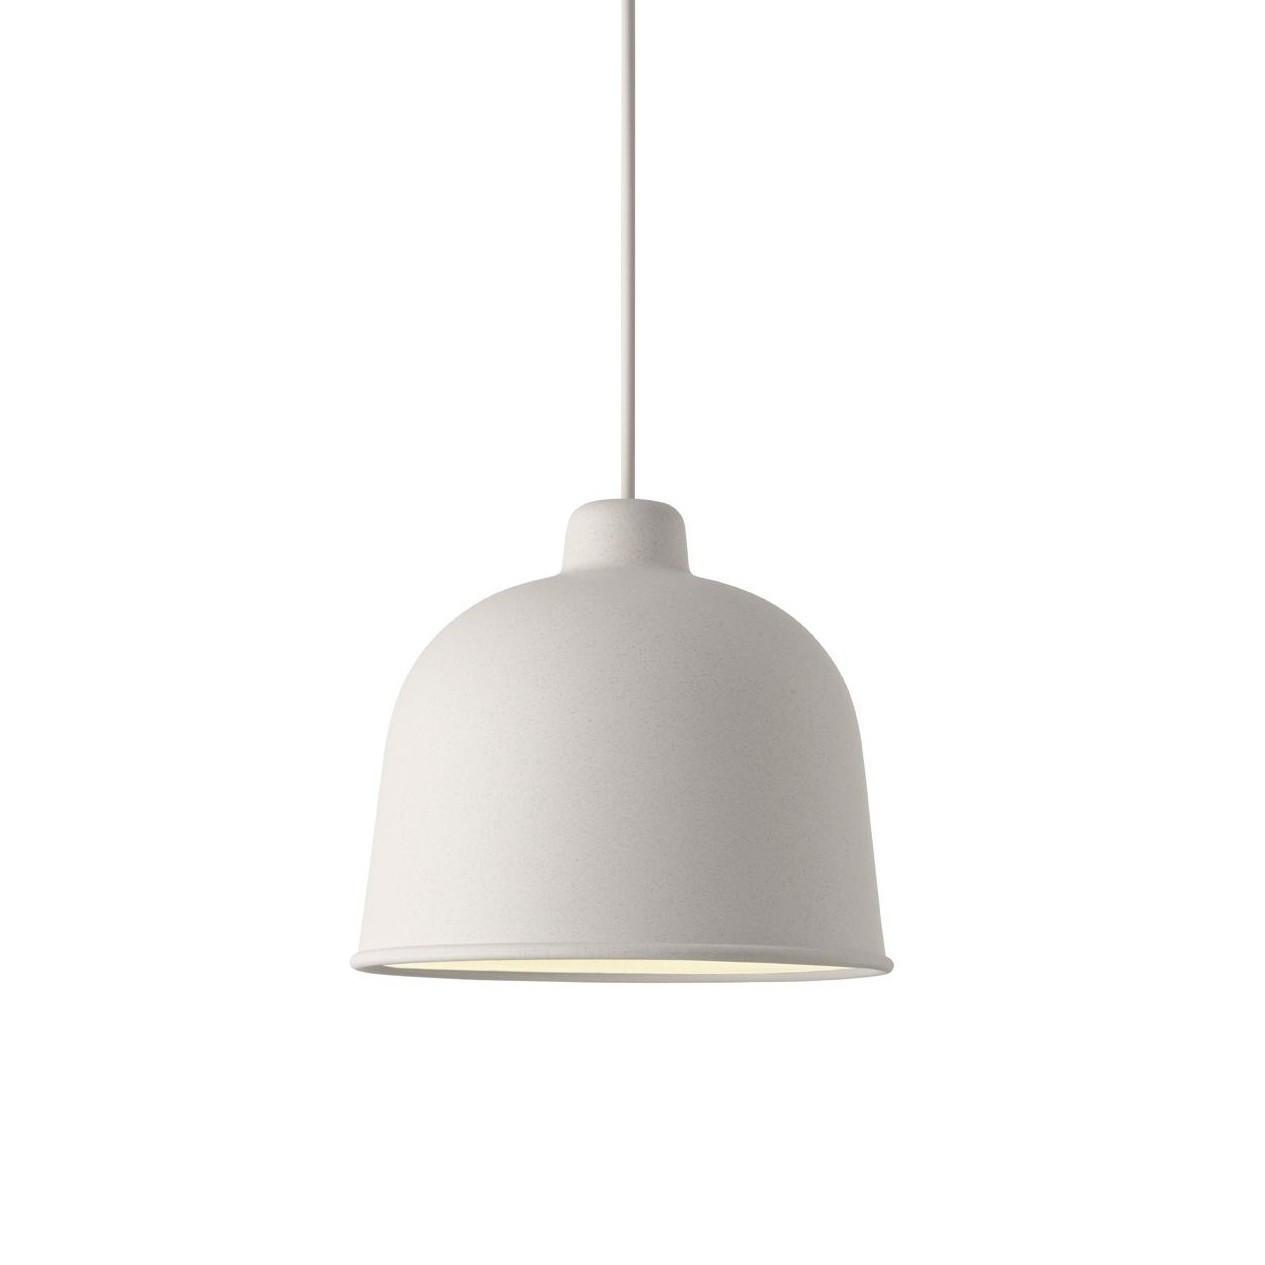 lamp vase cap of muuto grain suspension lamp ambientedirect regarding muuto grain suspension